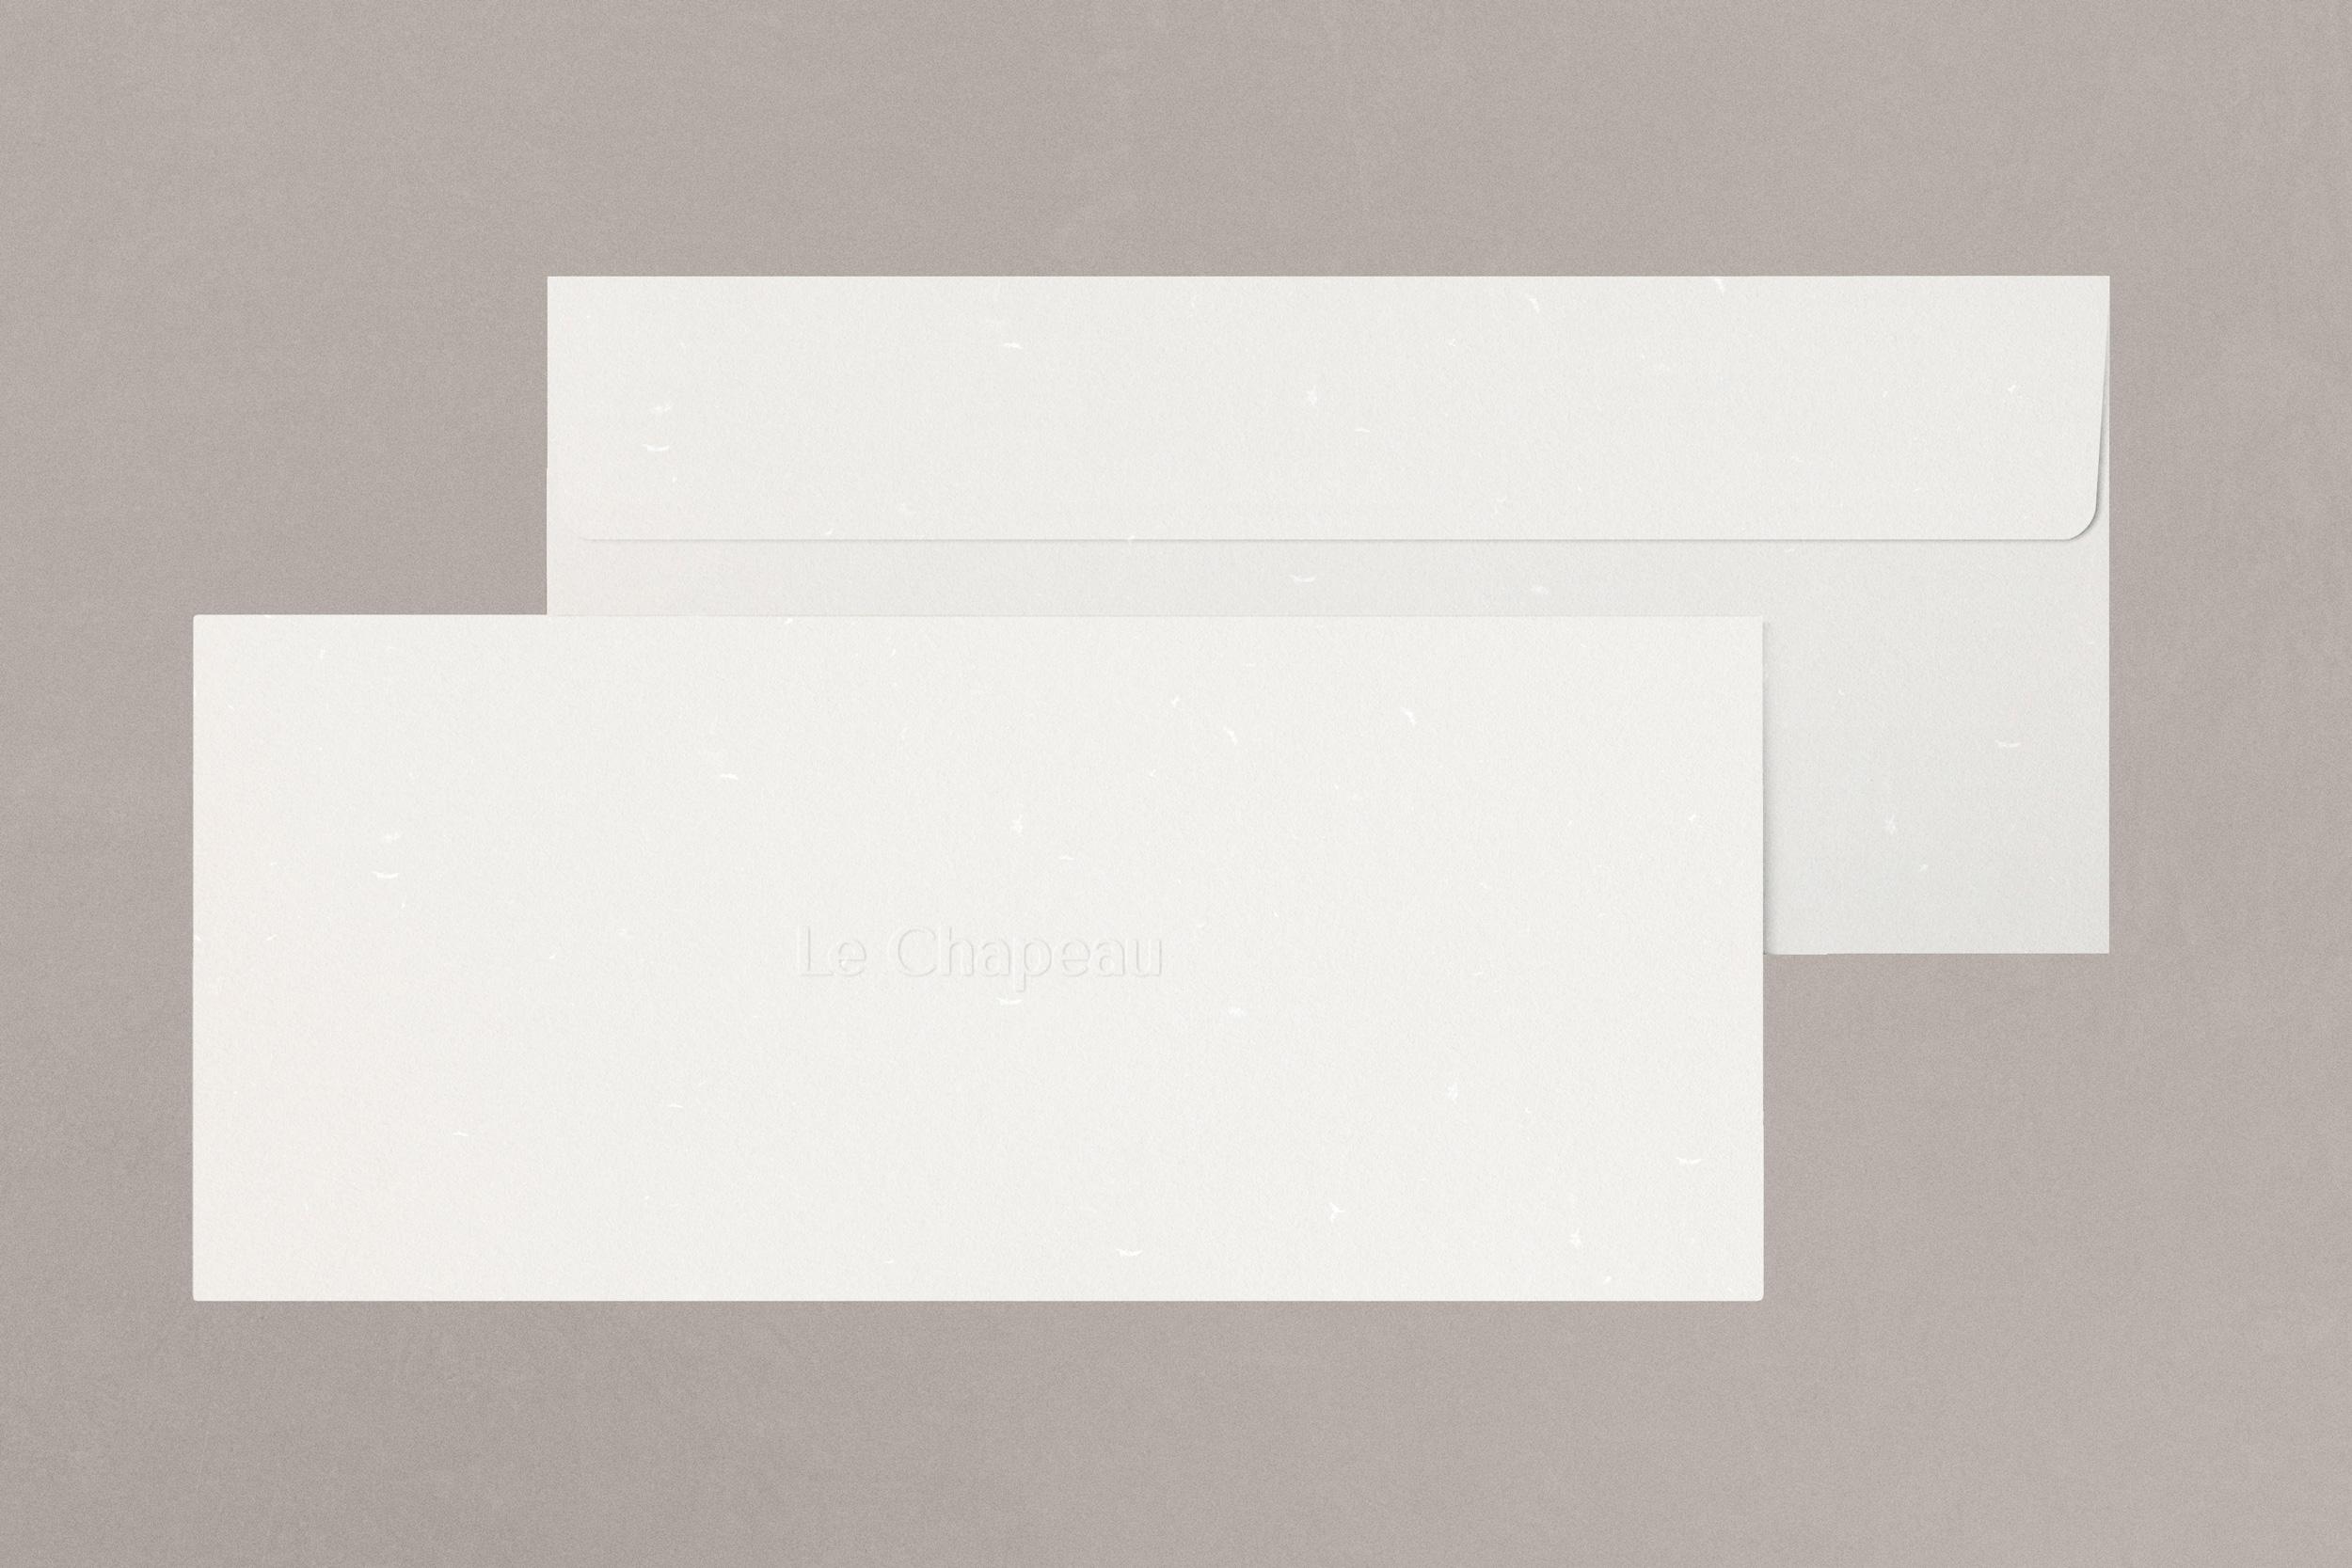 lechapeau-envelopes